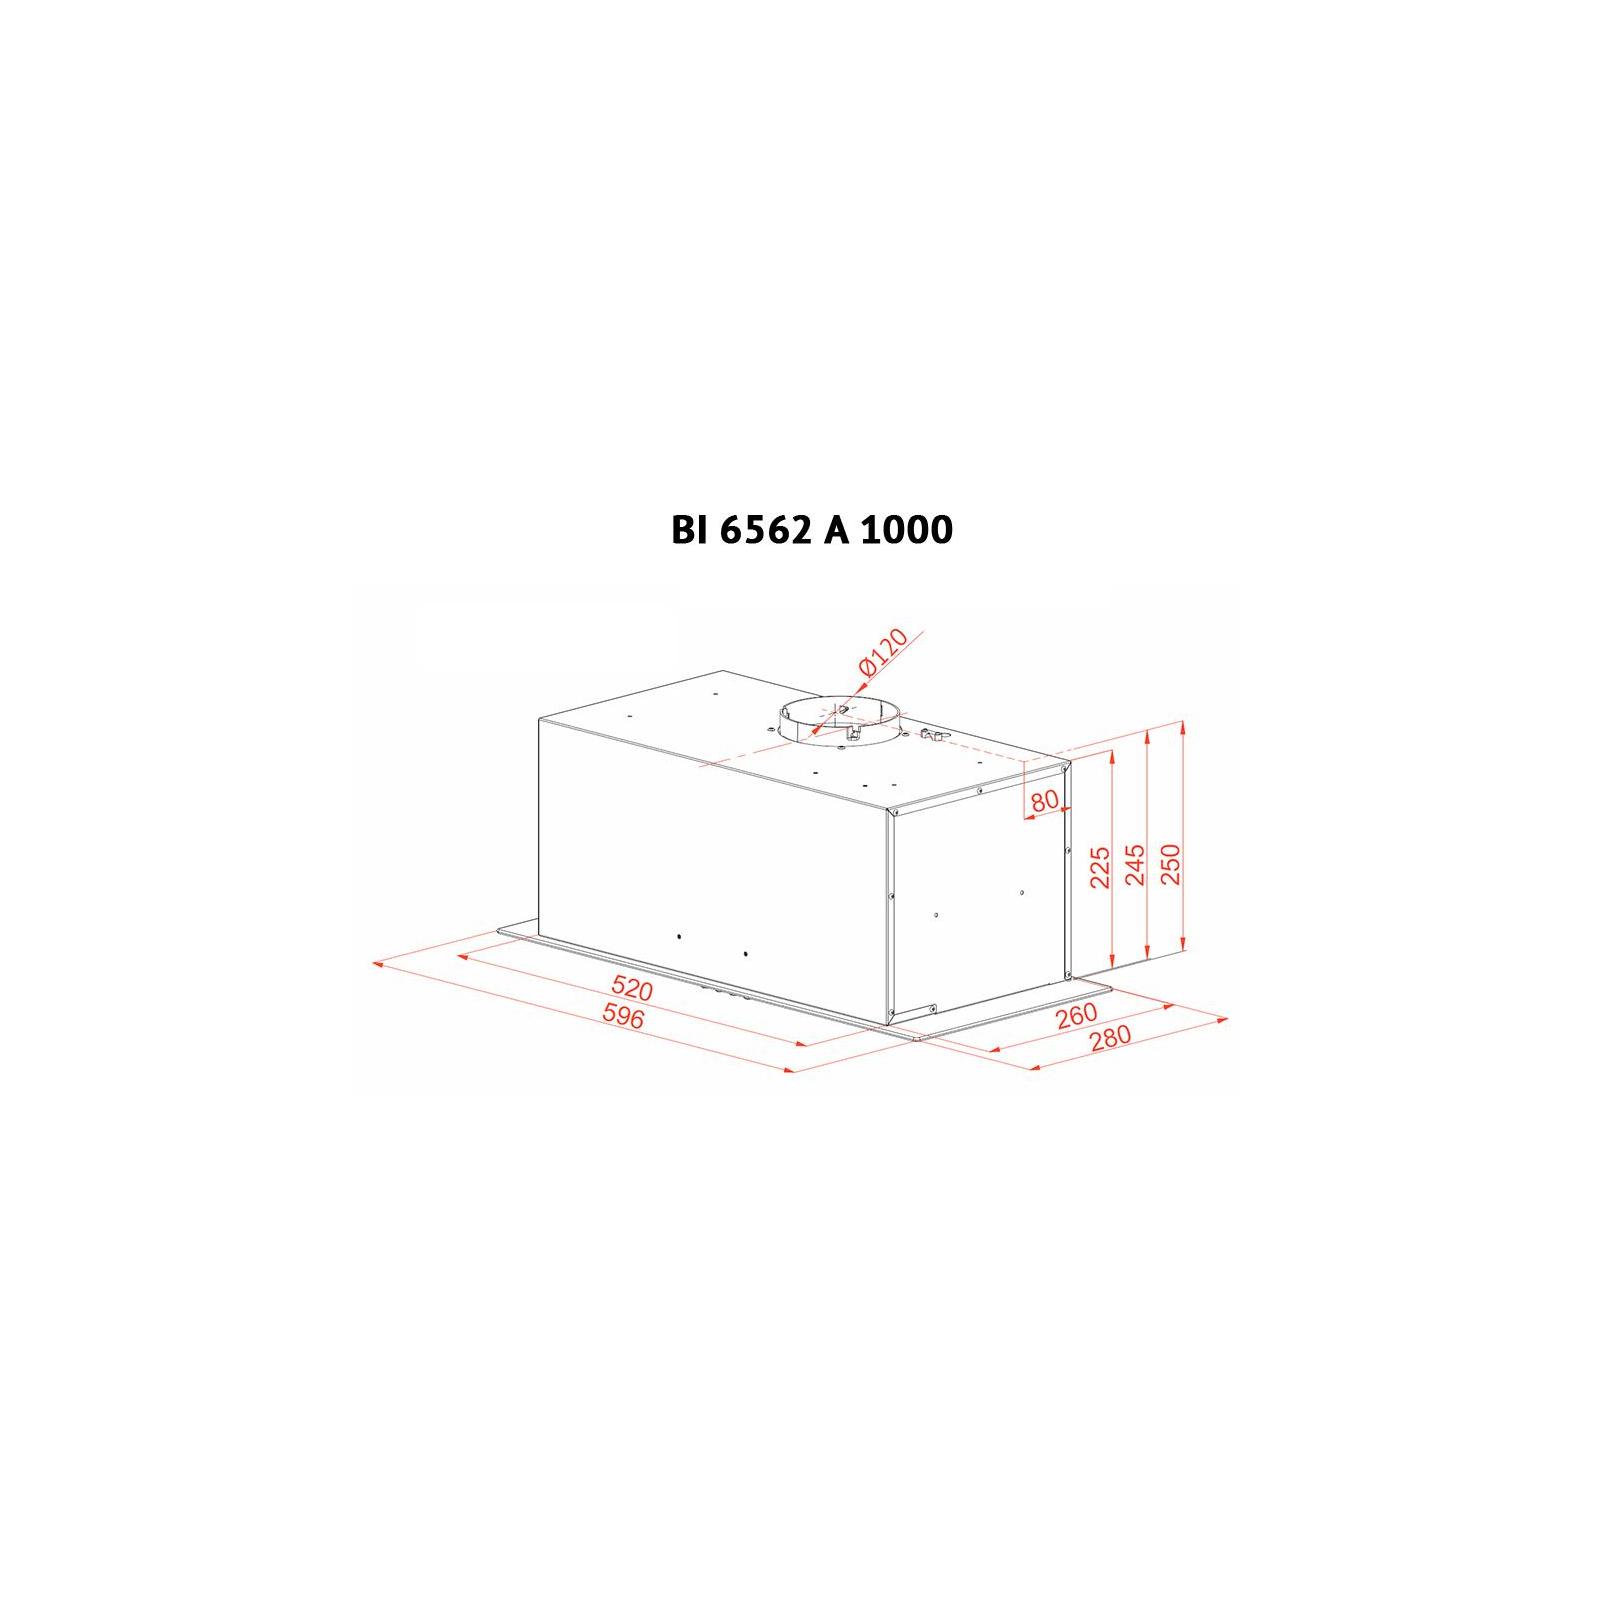 Вытяжка кухонная PERFELLI BI 6562 A 1000 W LED GLASS изображение 7